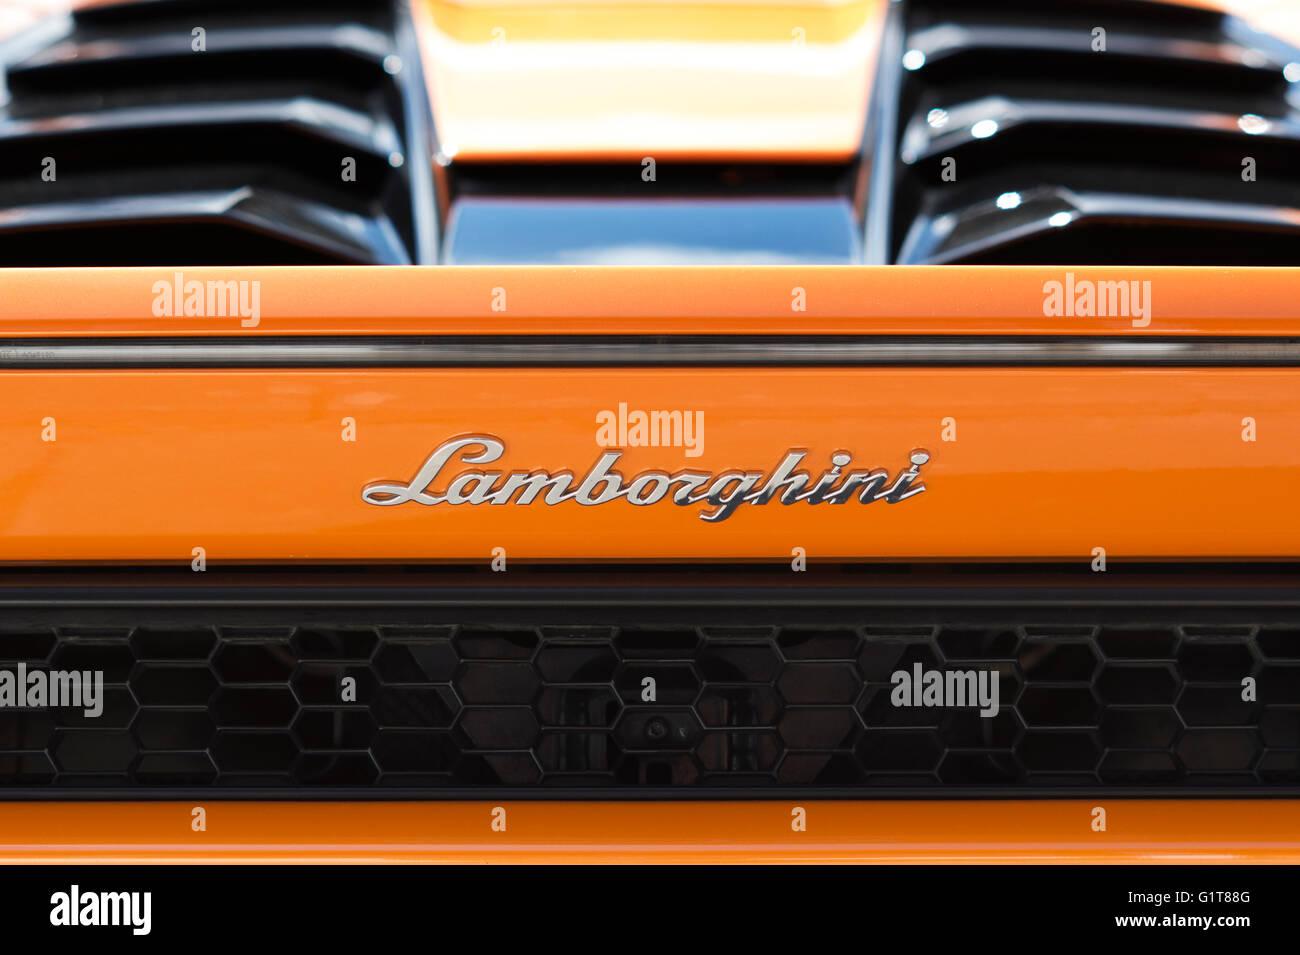 Lamborghini Car Rear End Abstract. Italian Super Car